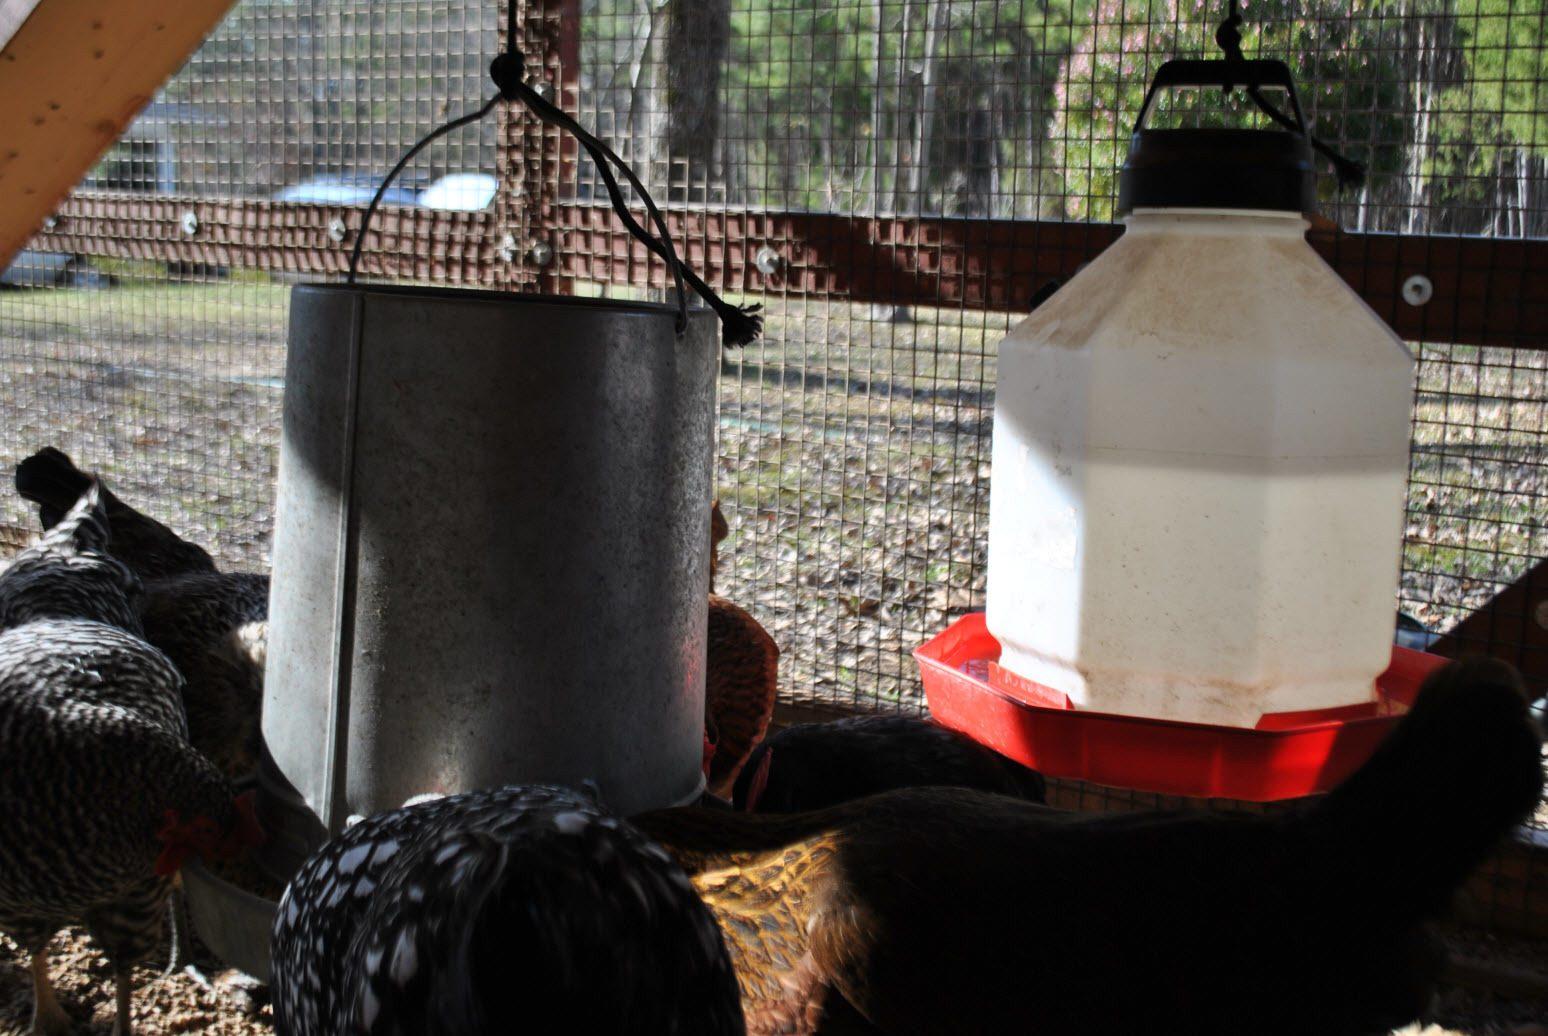 http://www.backyardchickens.com/forum/uploads/76677_dsc_0409.jpg